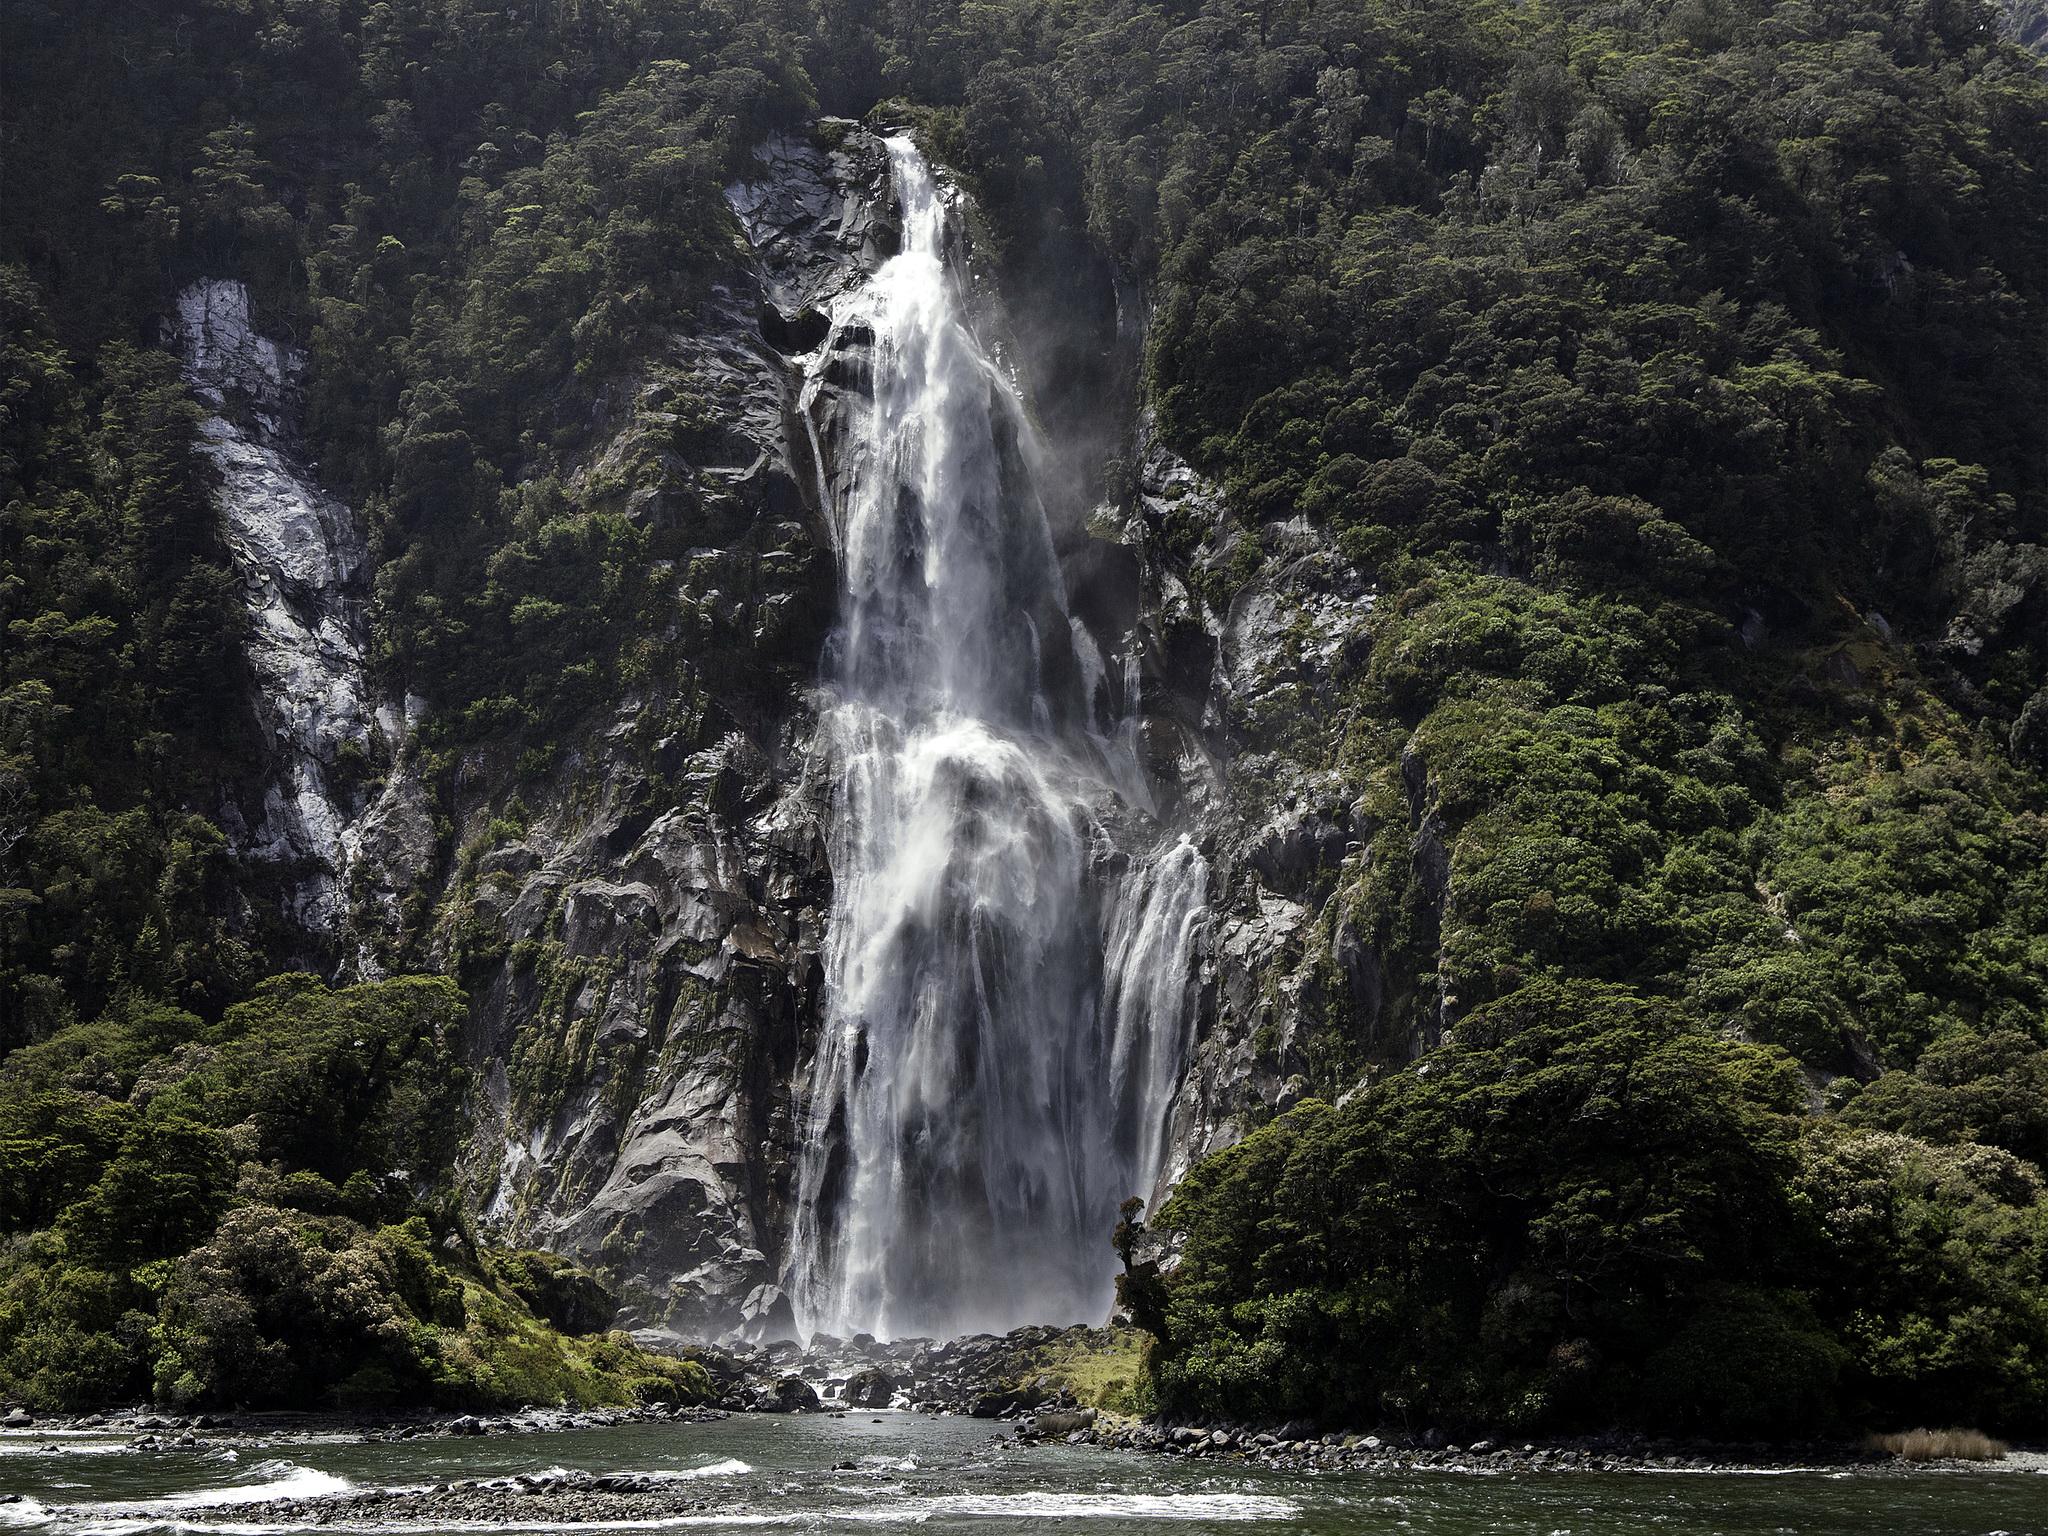 Новая зеландия Hd: Новая Зеландия. New Zeland (129 обоев) » Смотри Красивые